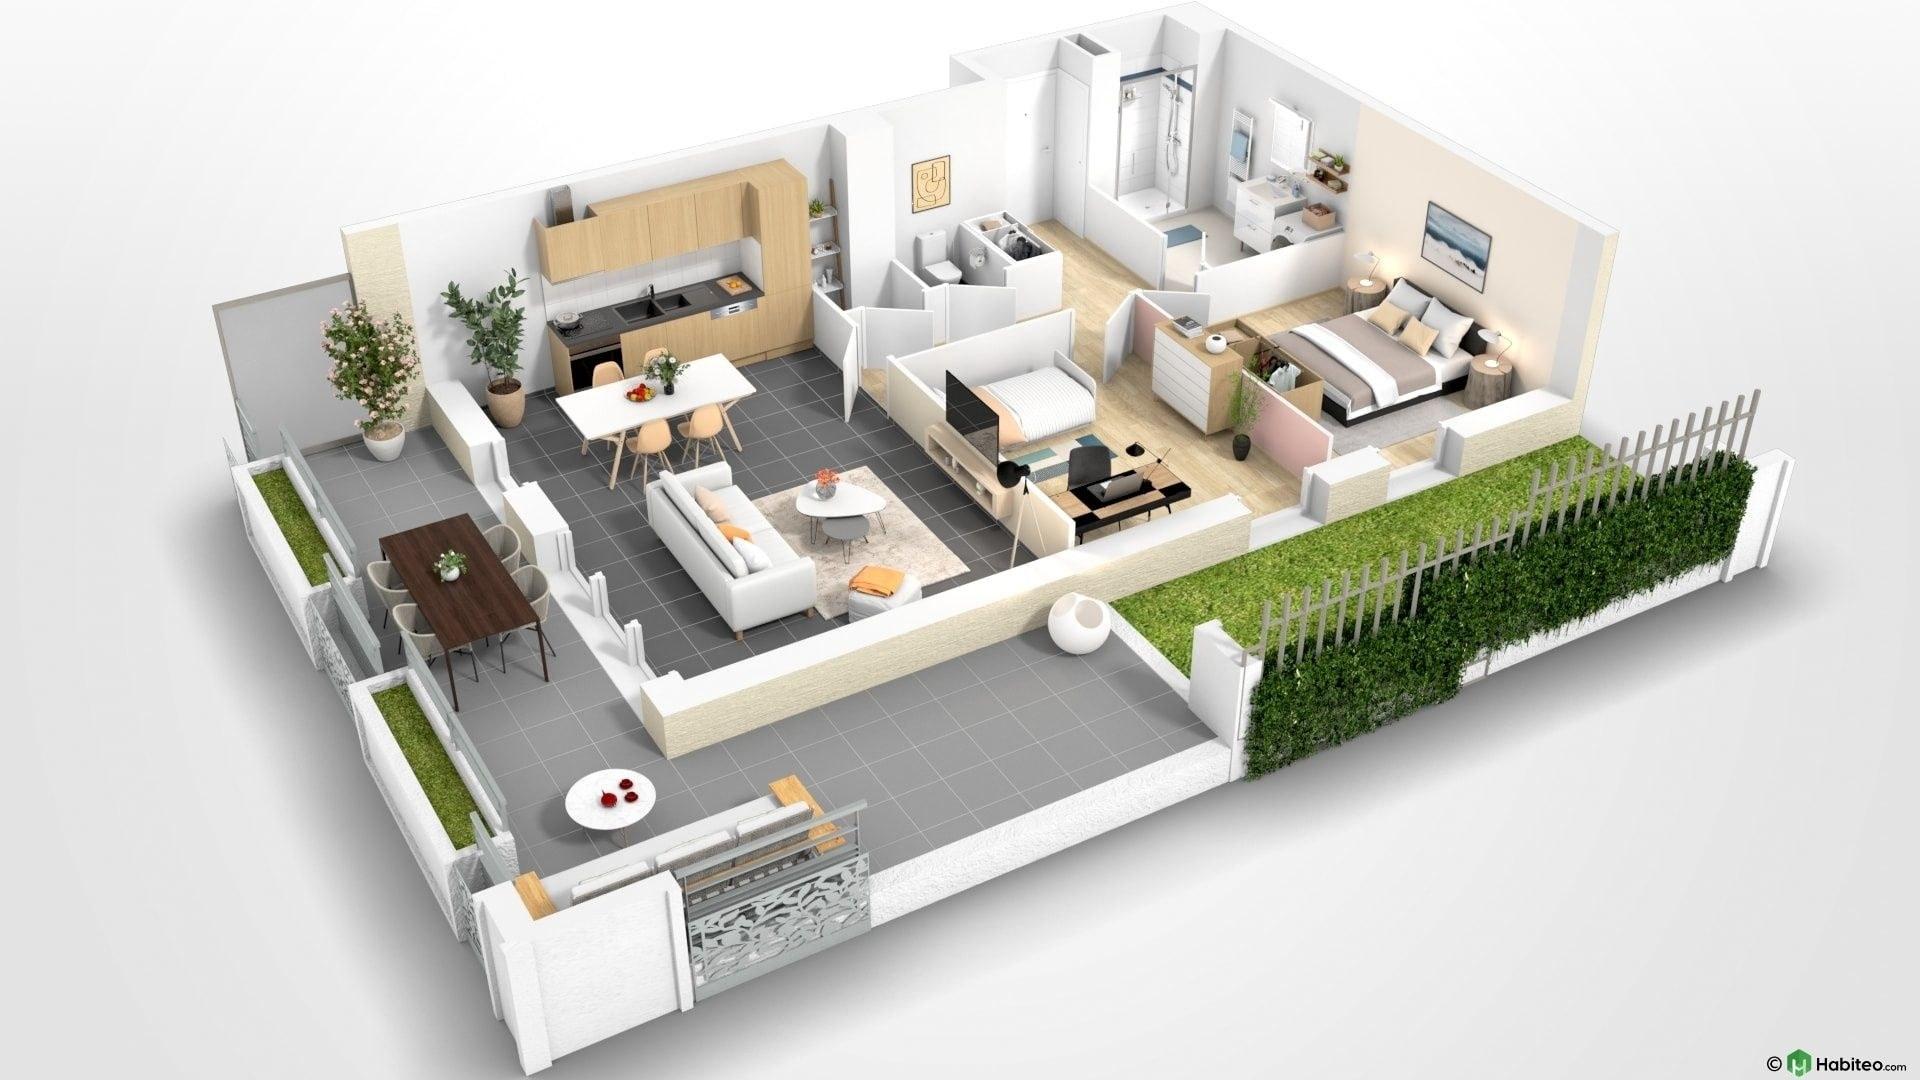 Beauvais Oise 60 Résidence Le Franc Marché centre-ville appartement neuf VEFA plan habiter investir investissement locatif loi défiscalisation Pinel réduction impôts H006